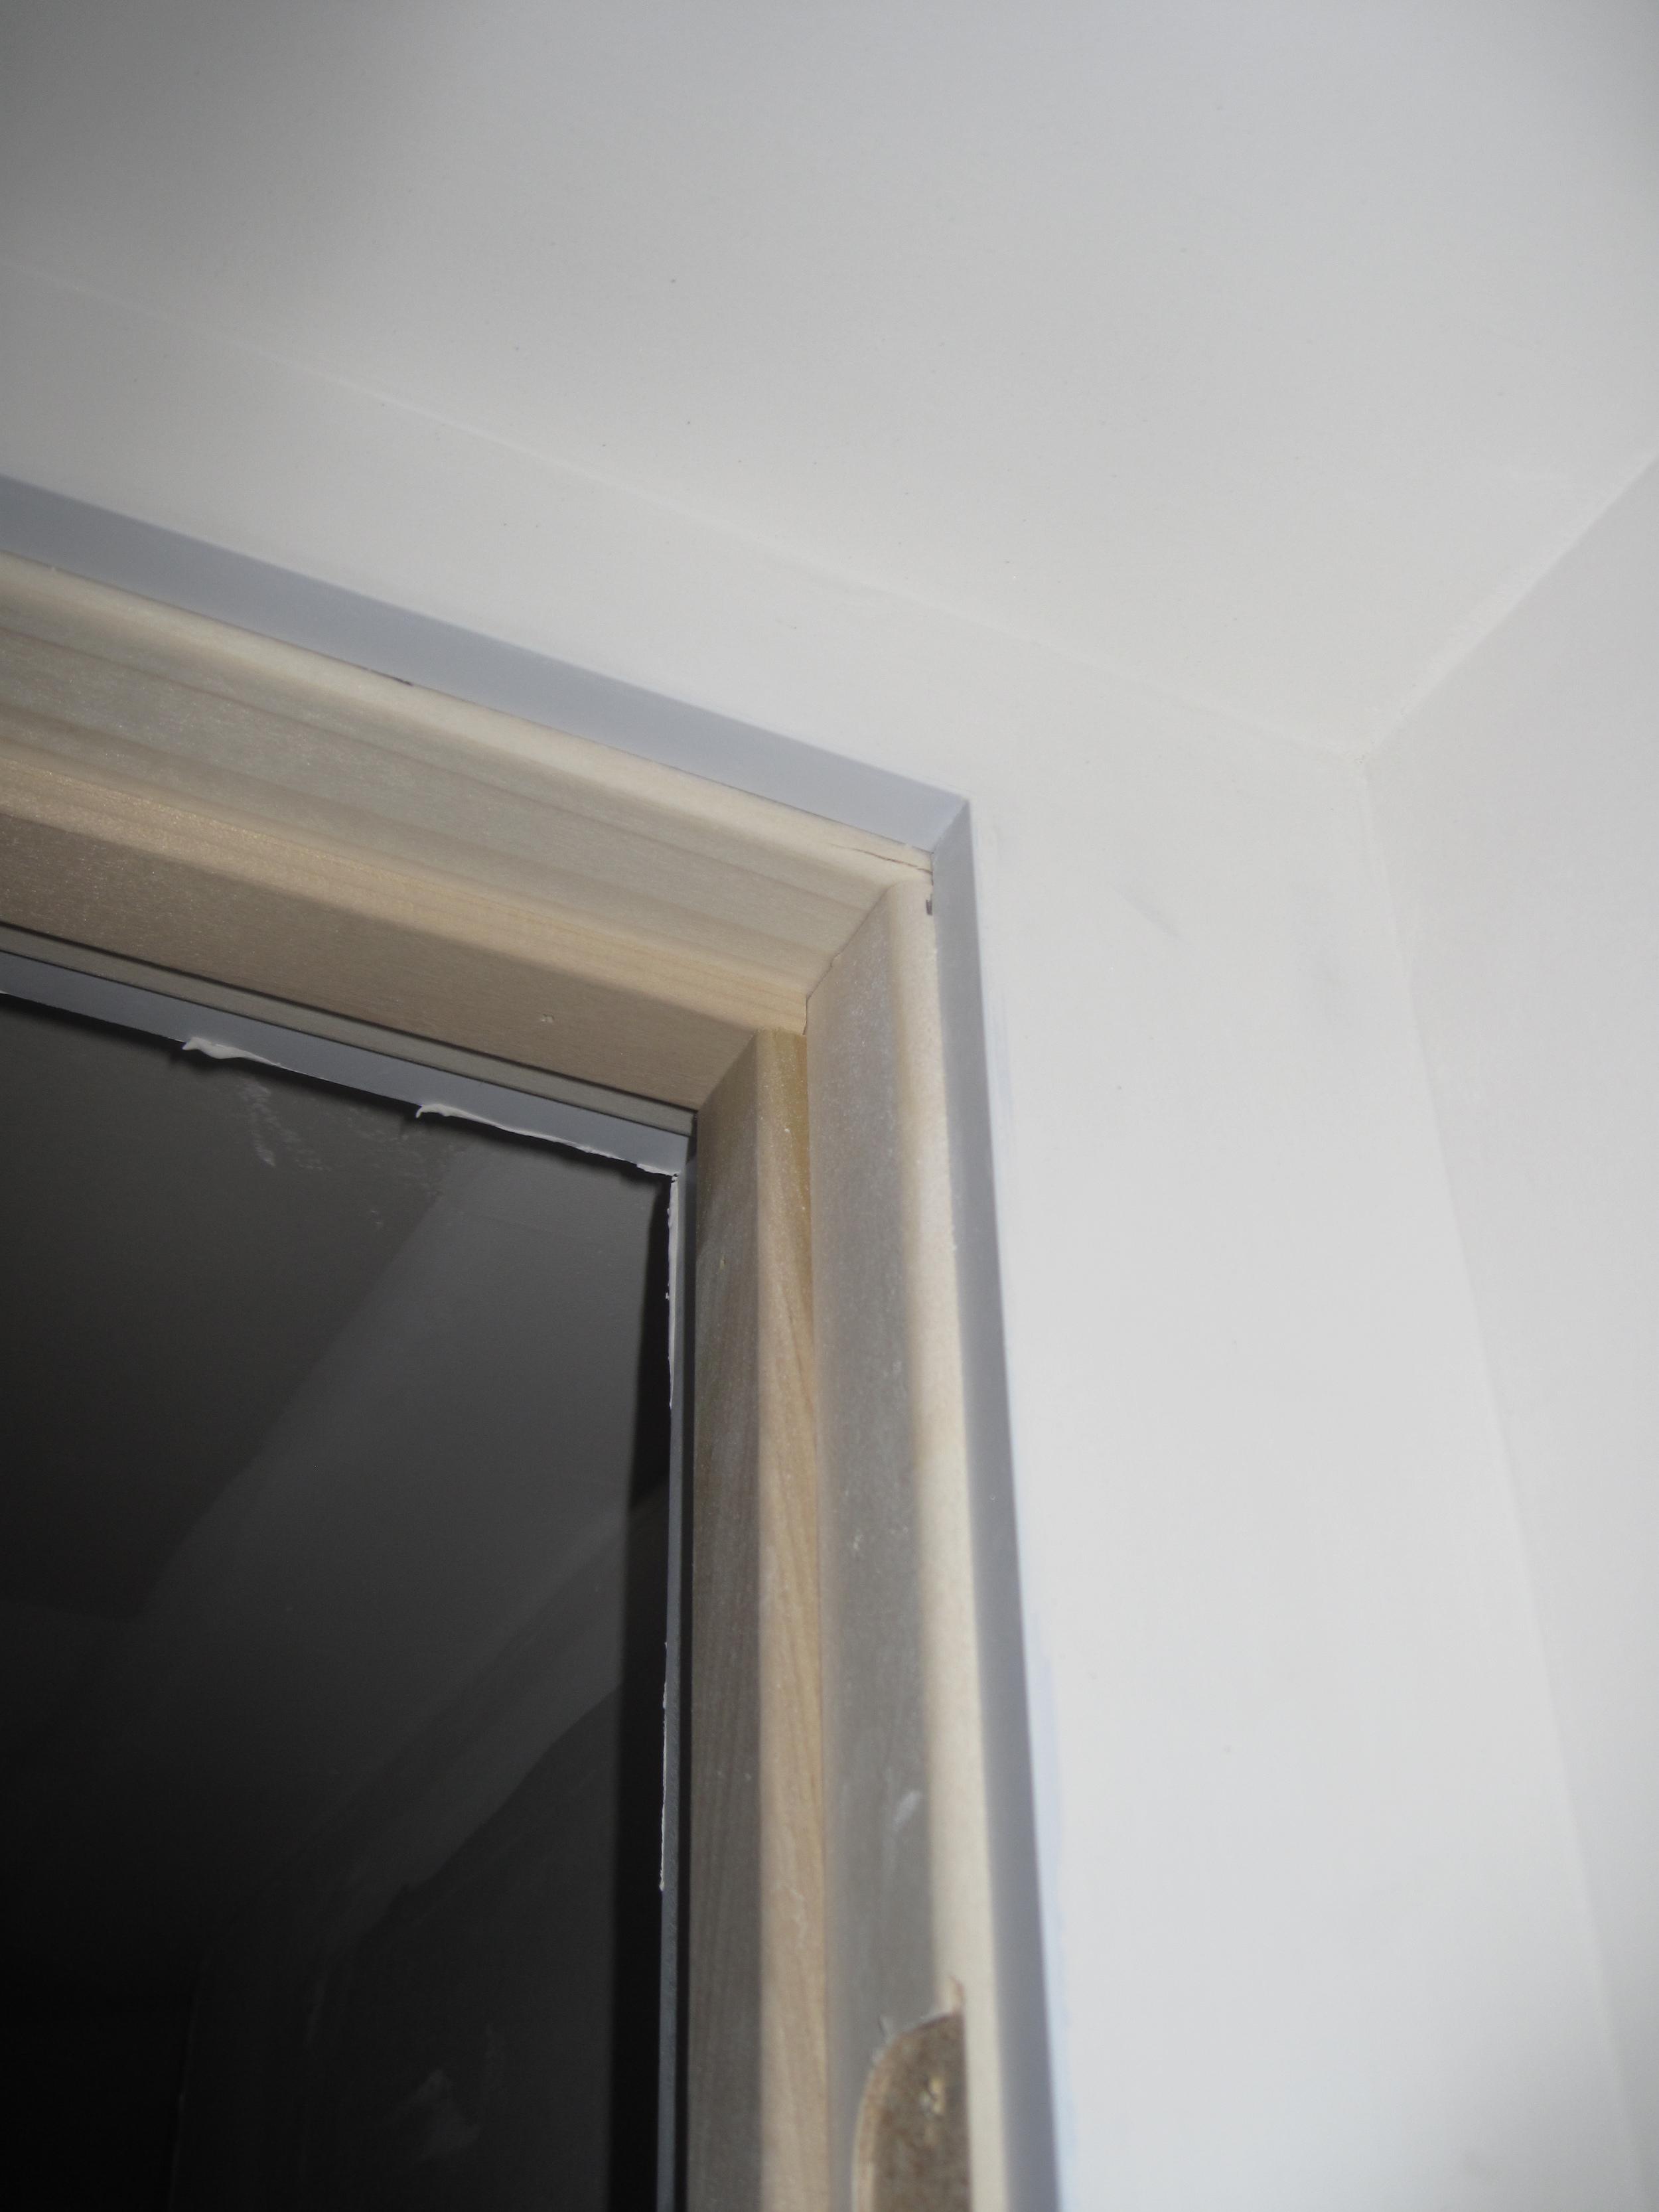 Door jamb - detail